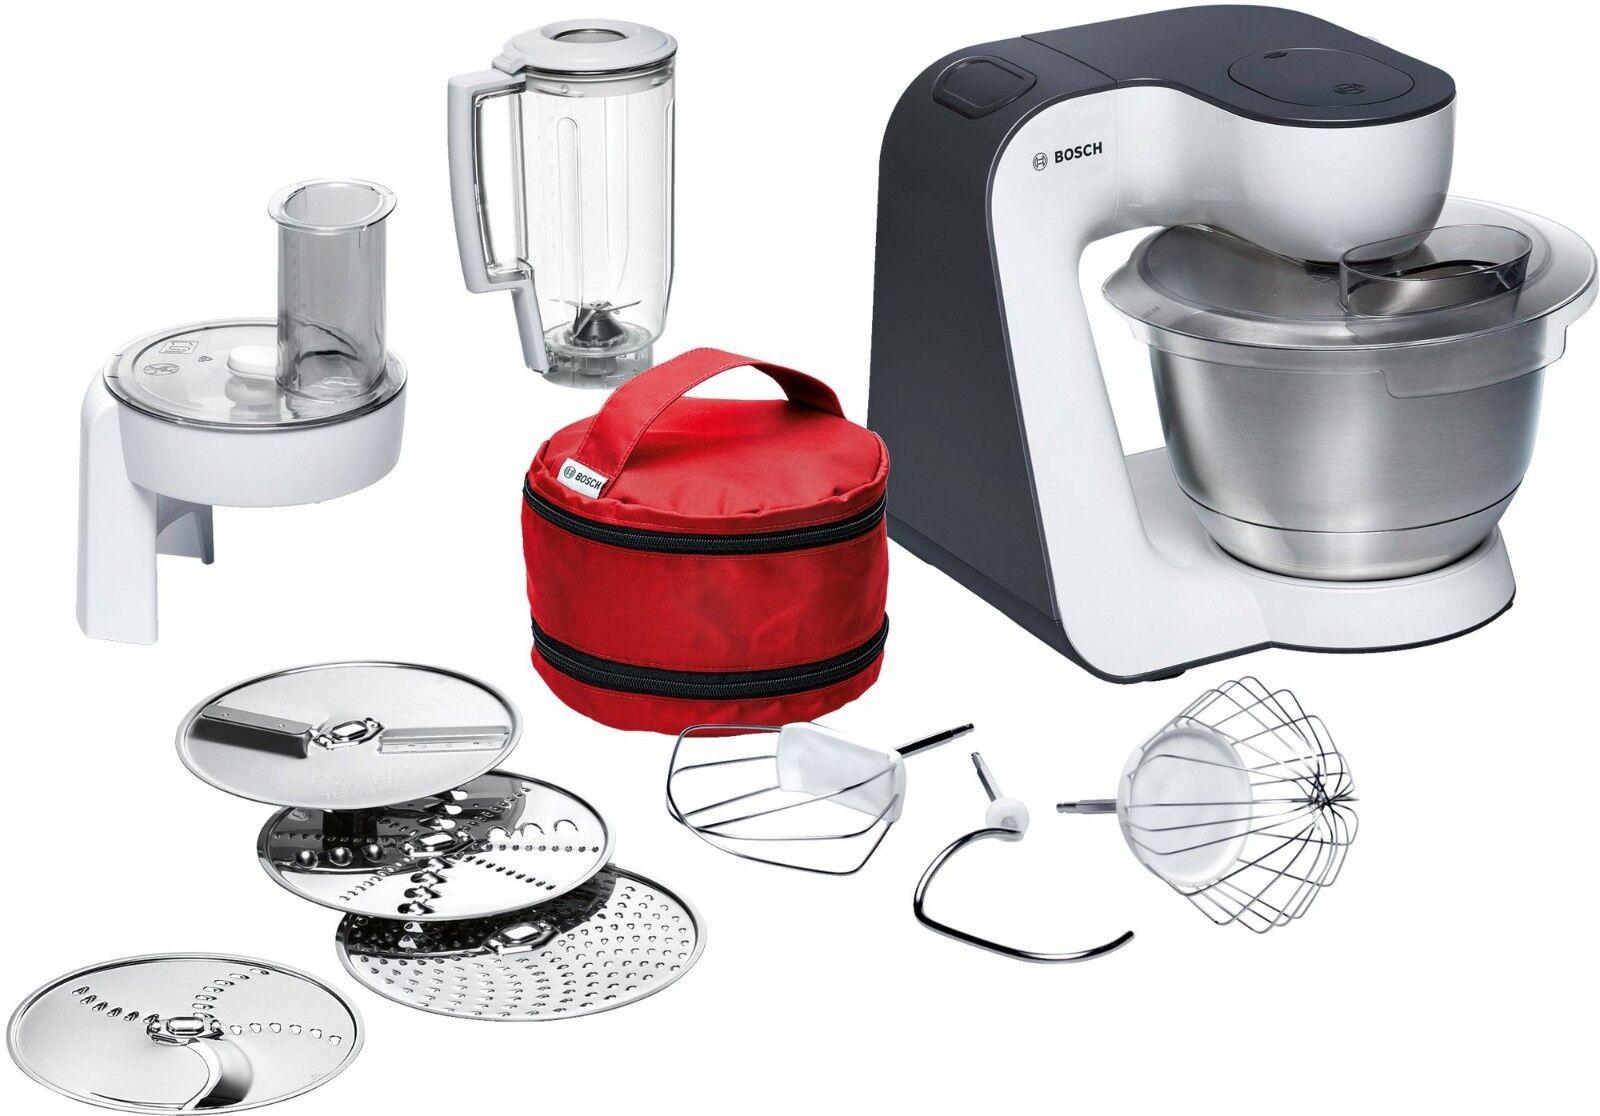 Bosch Mum 50 E 32 De Universal Kuchenmaschine